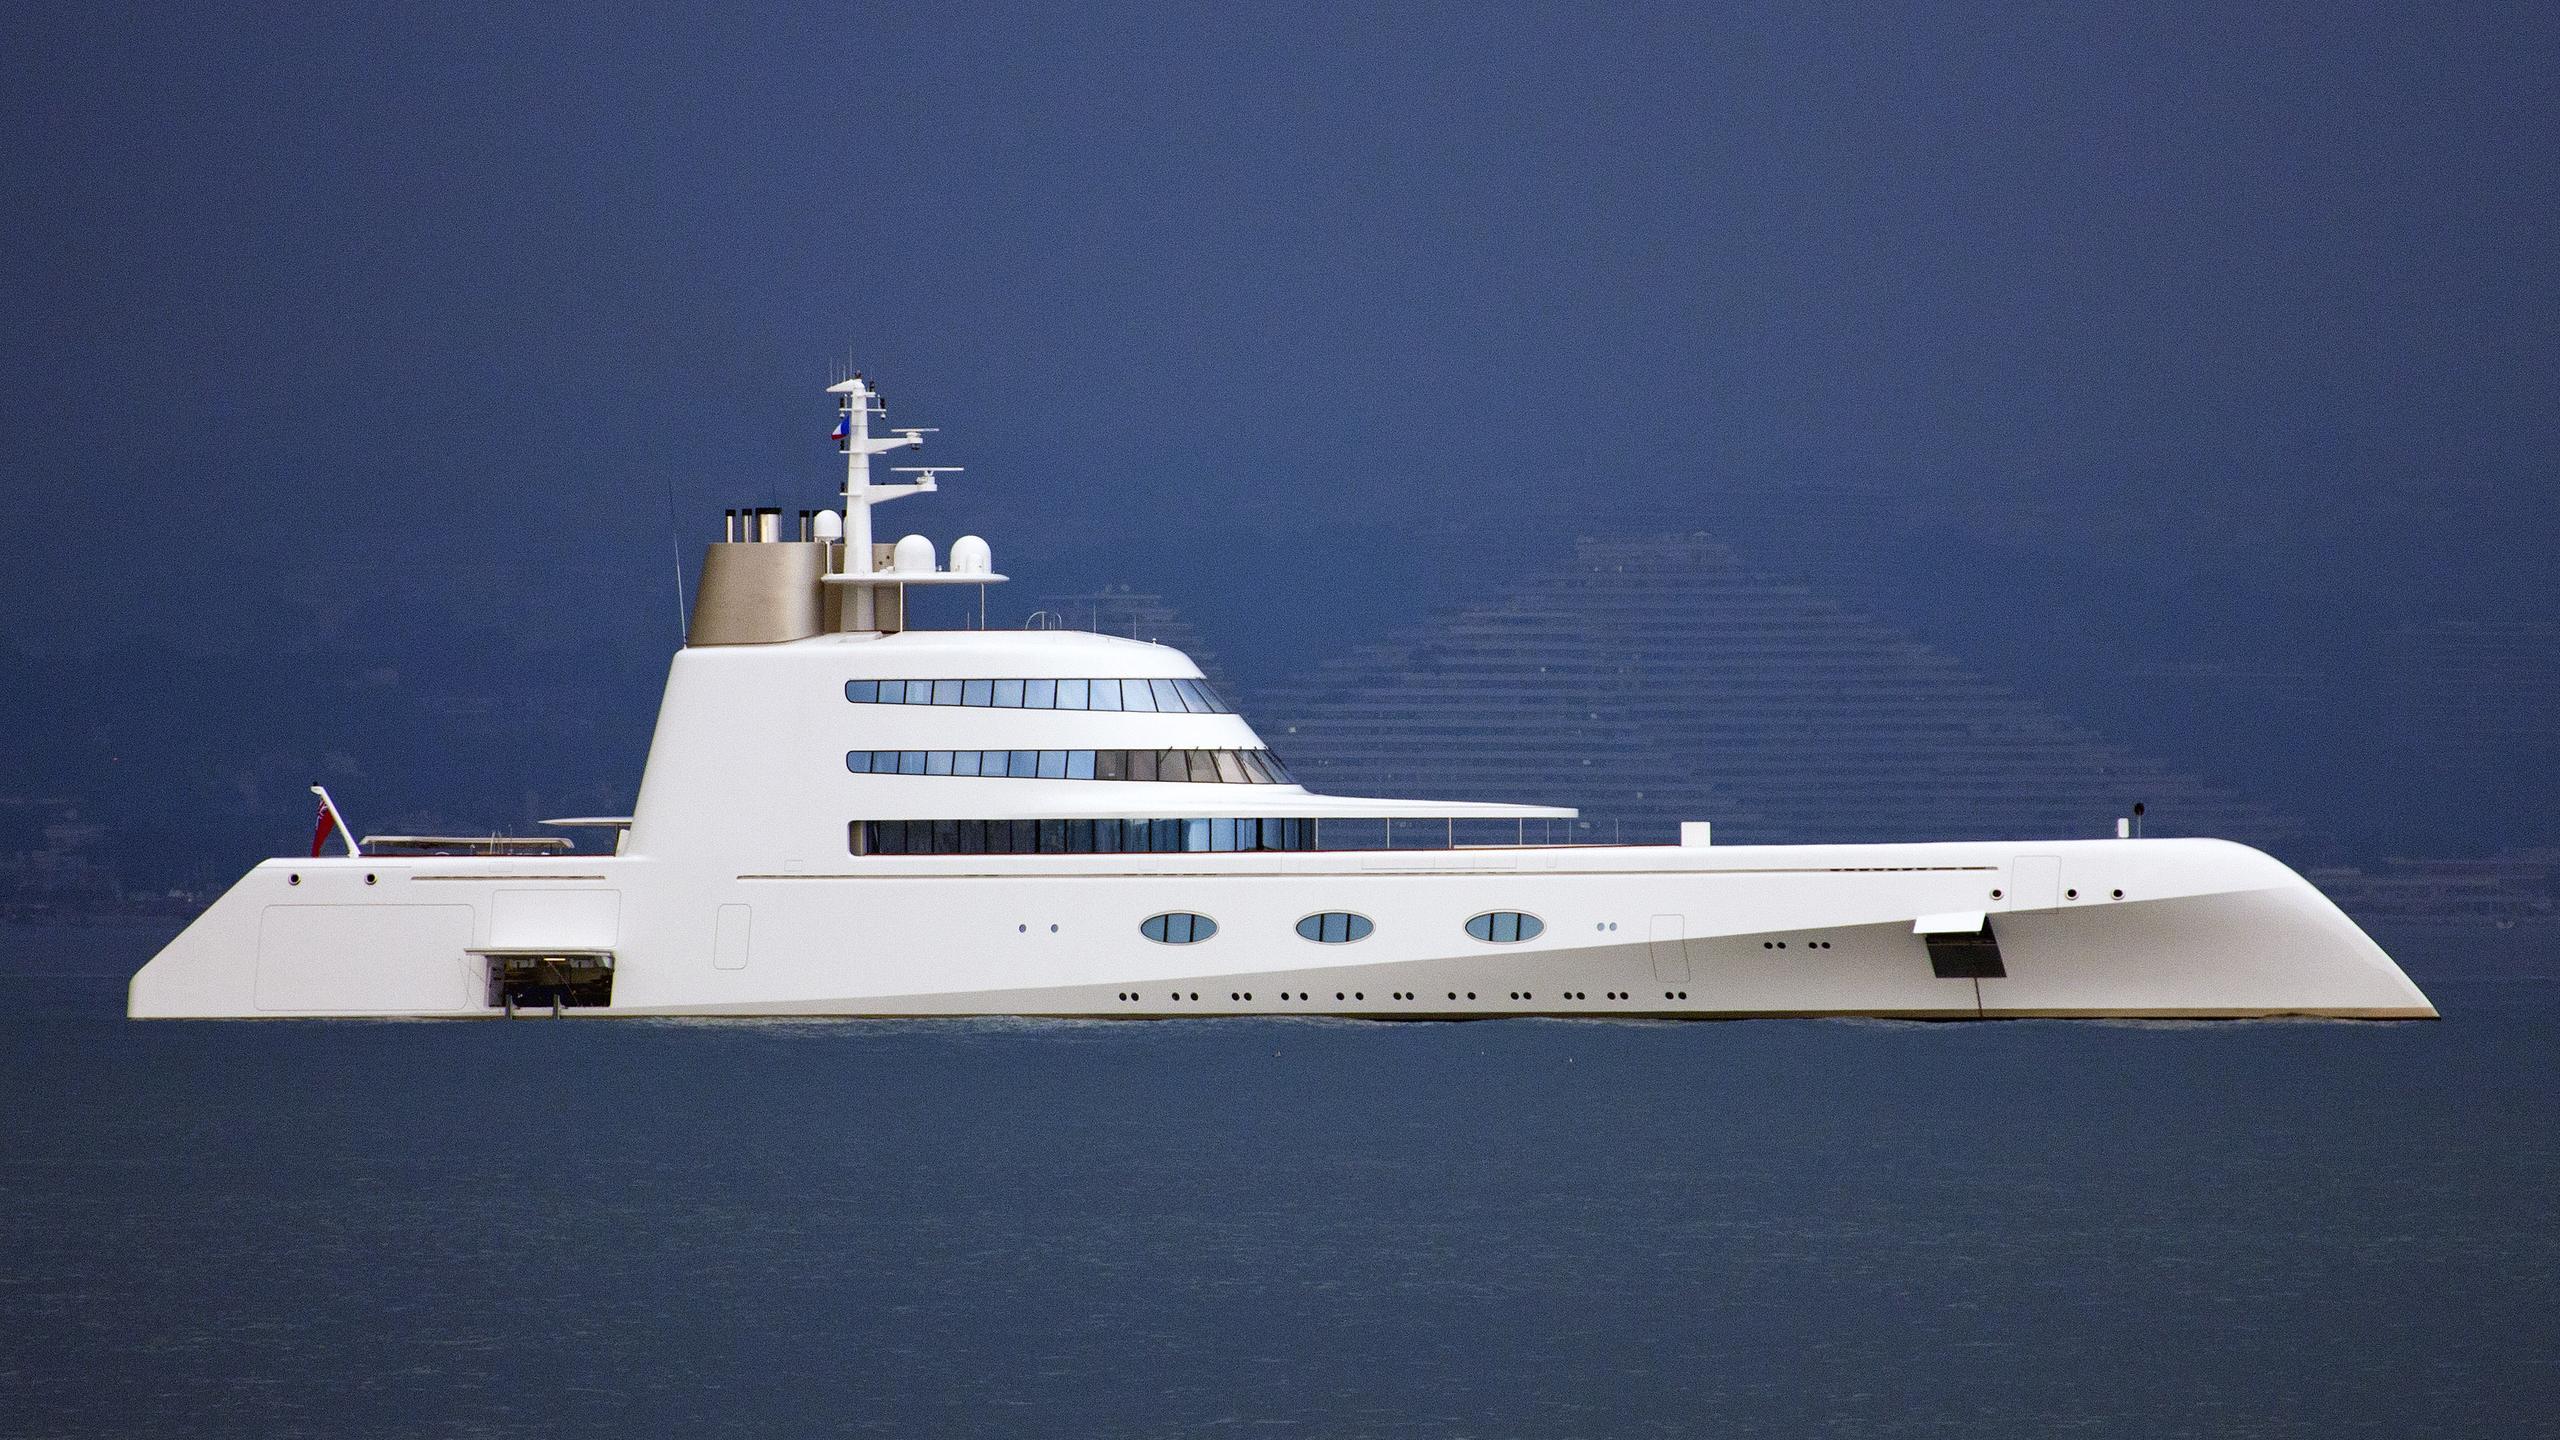 superyacht-a-motor-yacht-blohm-voss-2008-119m-profile